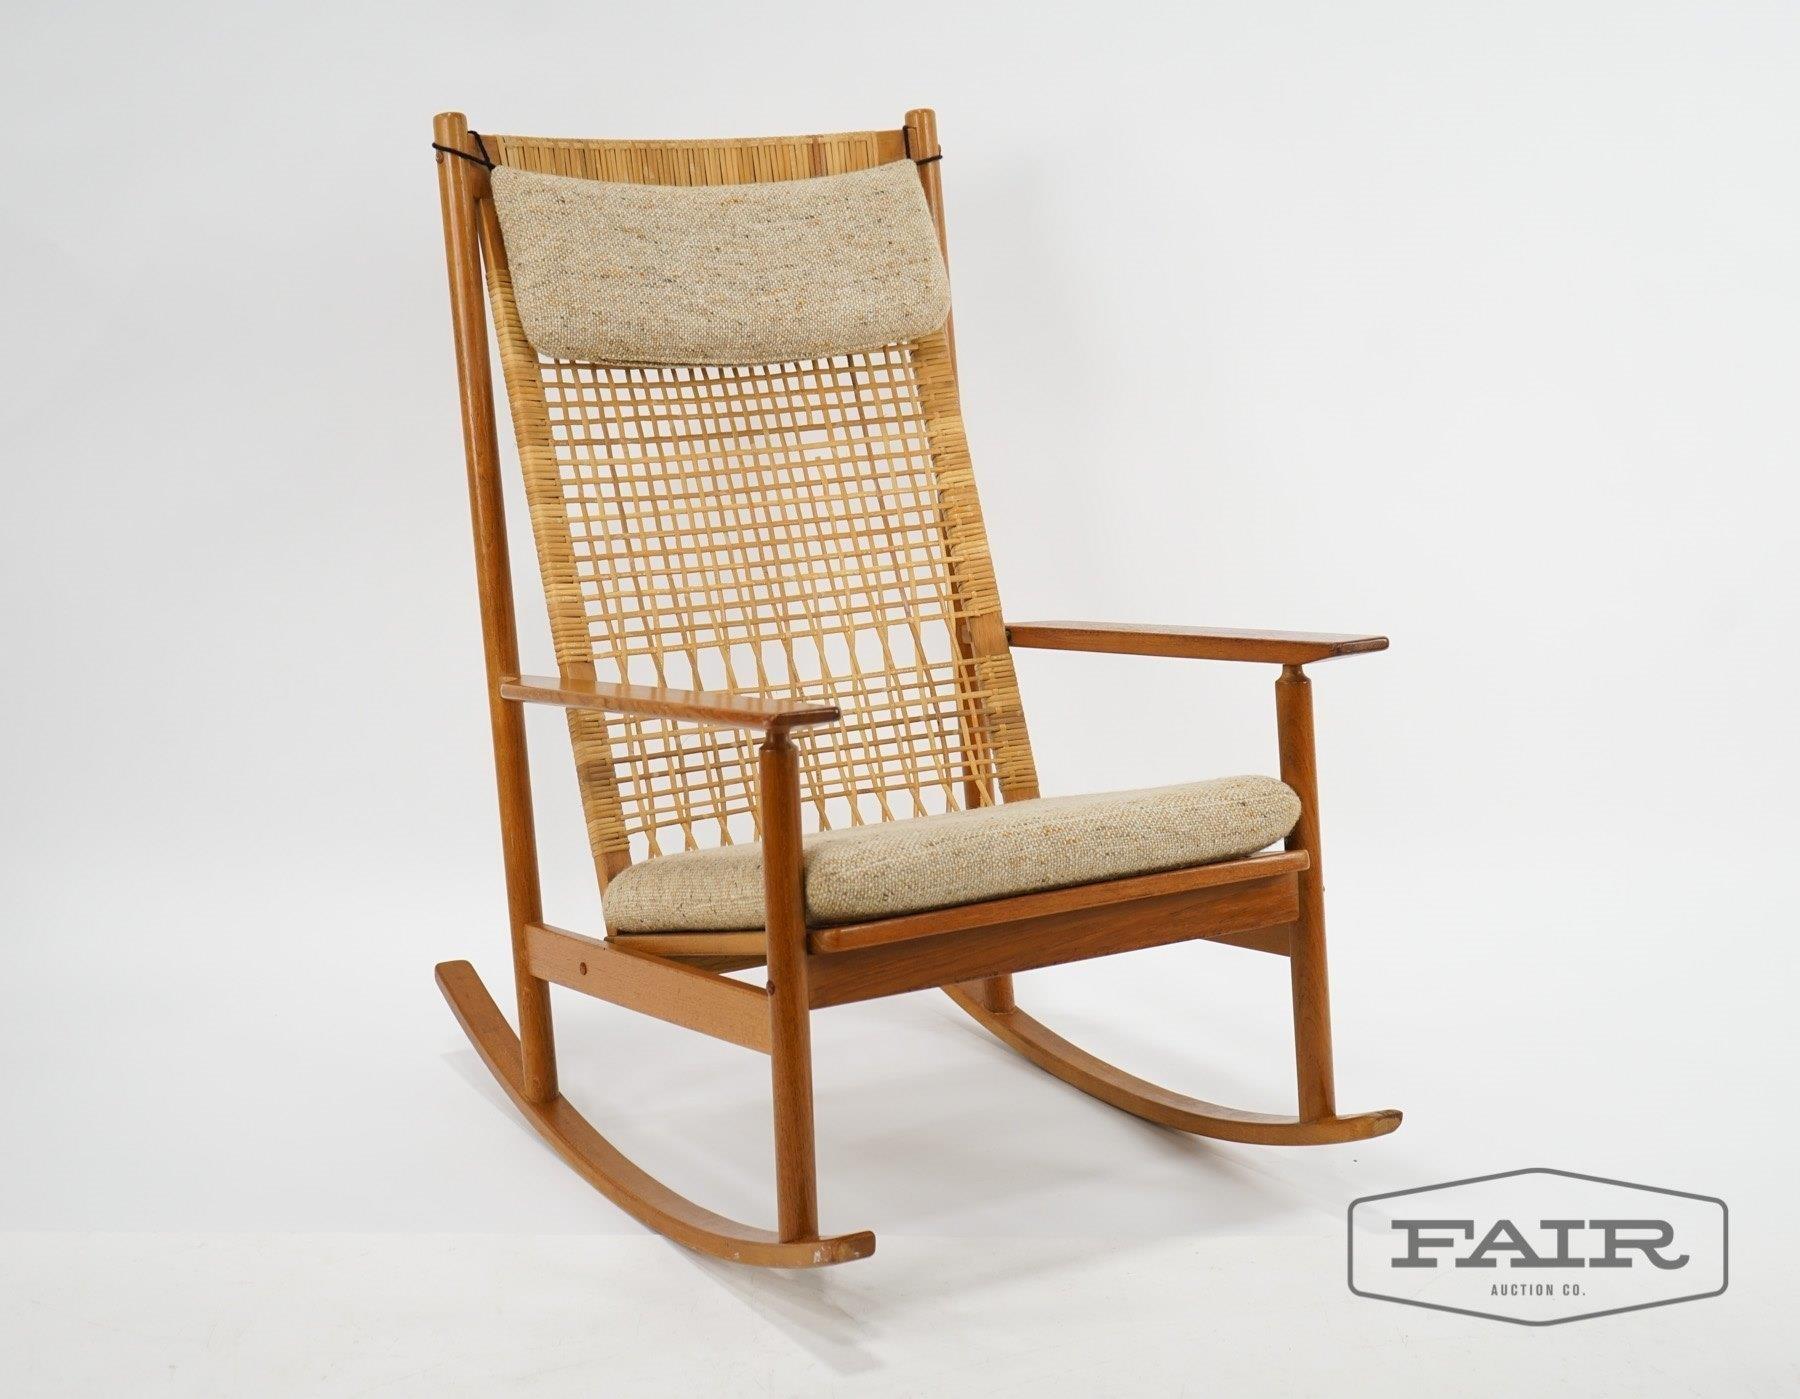 online retailer fa5cd 384e9 Danish Teak Cane Rocking Chair Attrb Hans Olsen | Fair ...